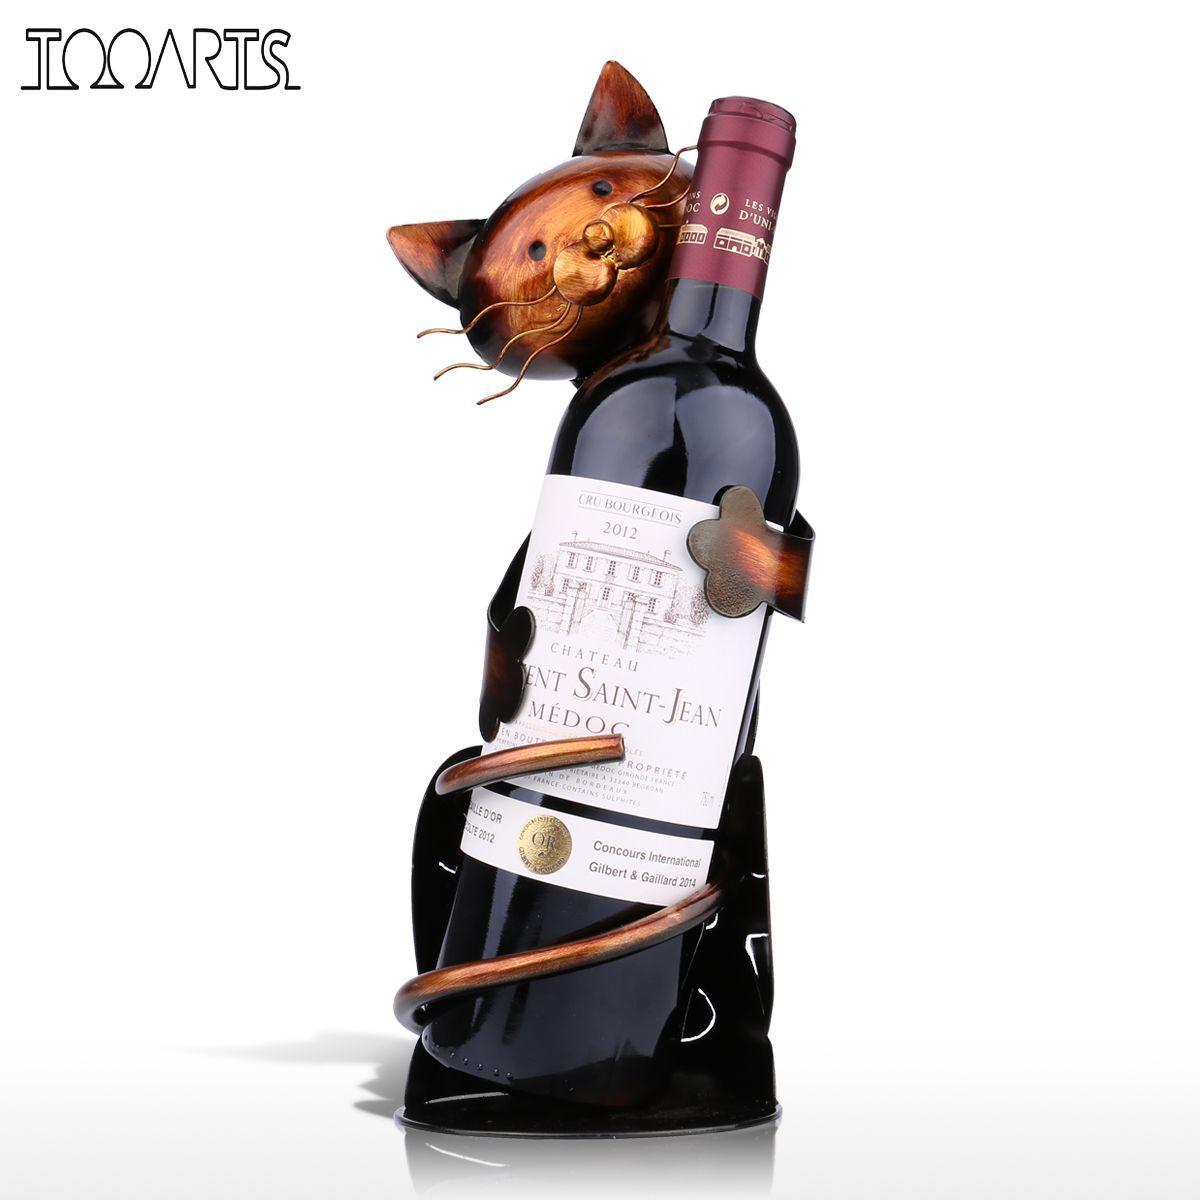 TOOARTS gato de vino Vino Rack titular estante de Metal práctico escultura vino soporte casa decoración Interior artesanía regalo de Navidad